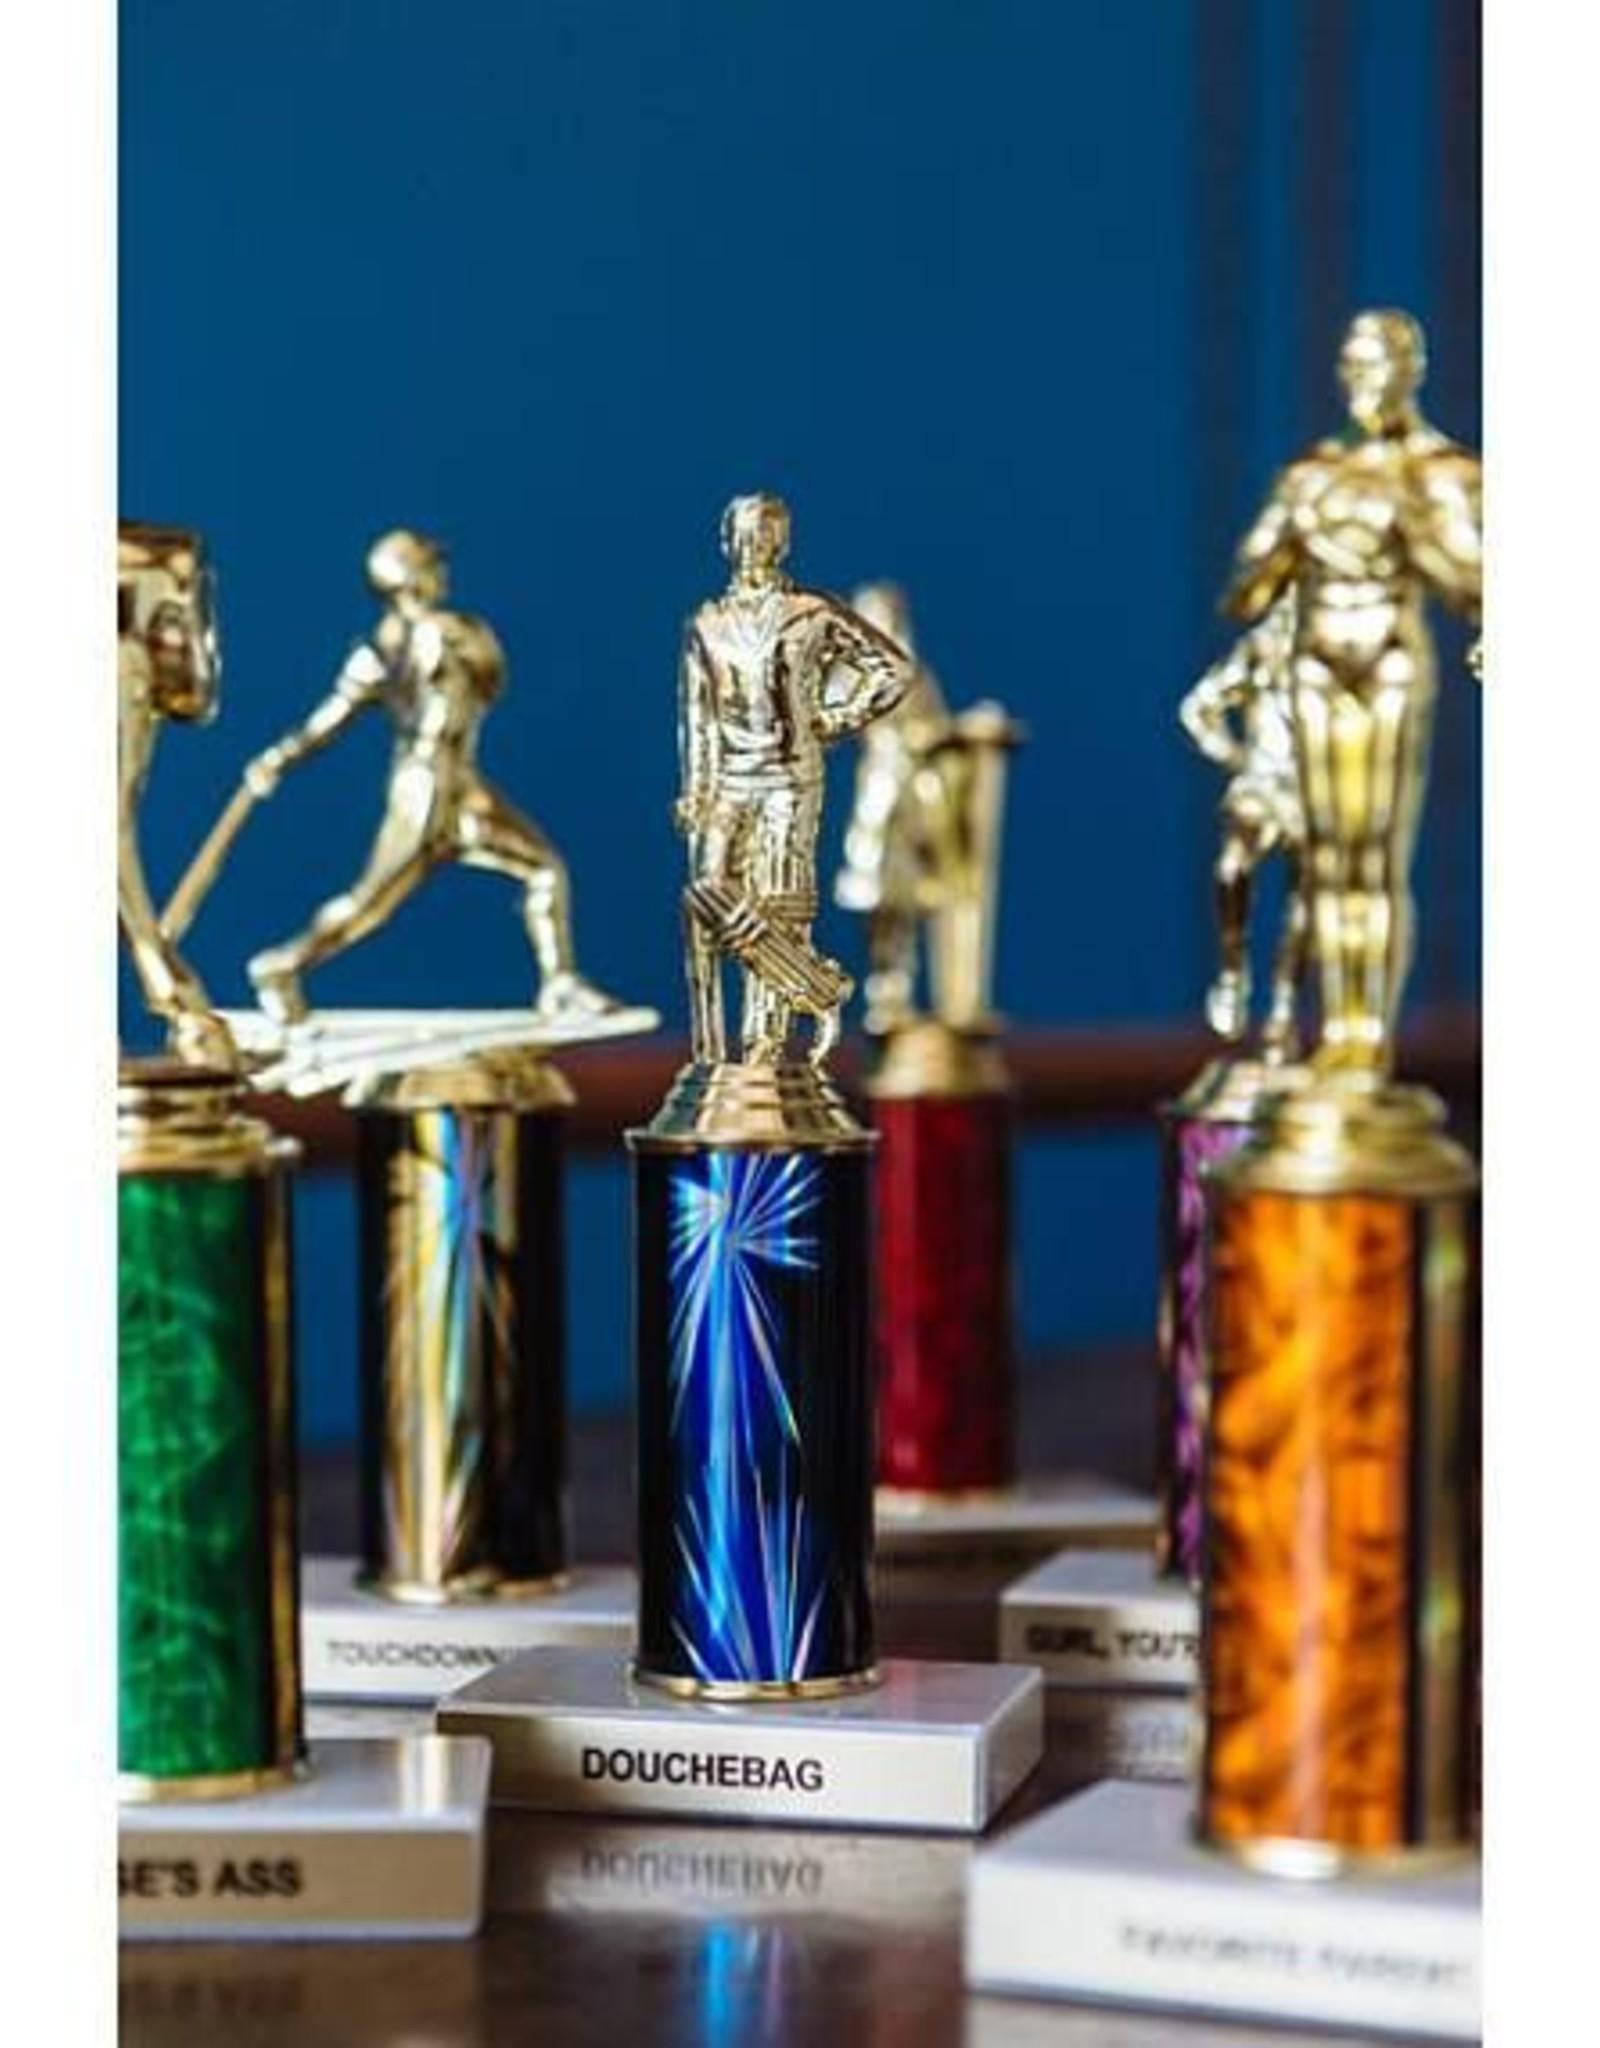 Douchebag Trophy